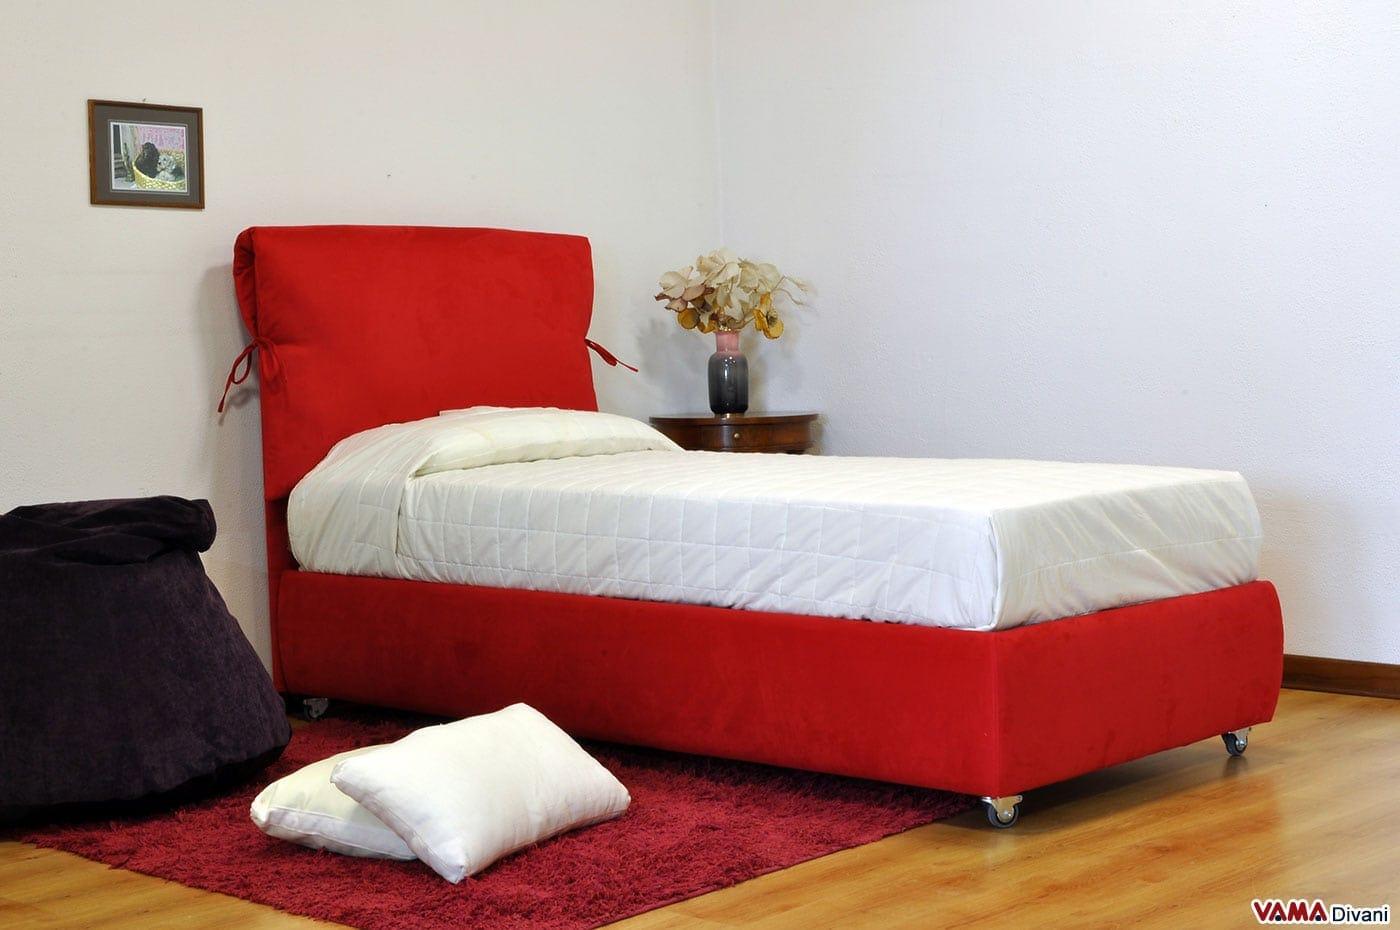 Shabby camera disegno da letto for Letto con testata reclinabile